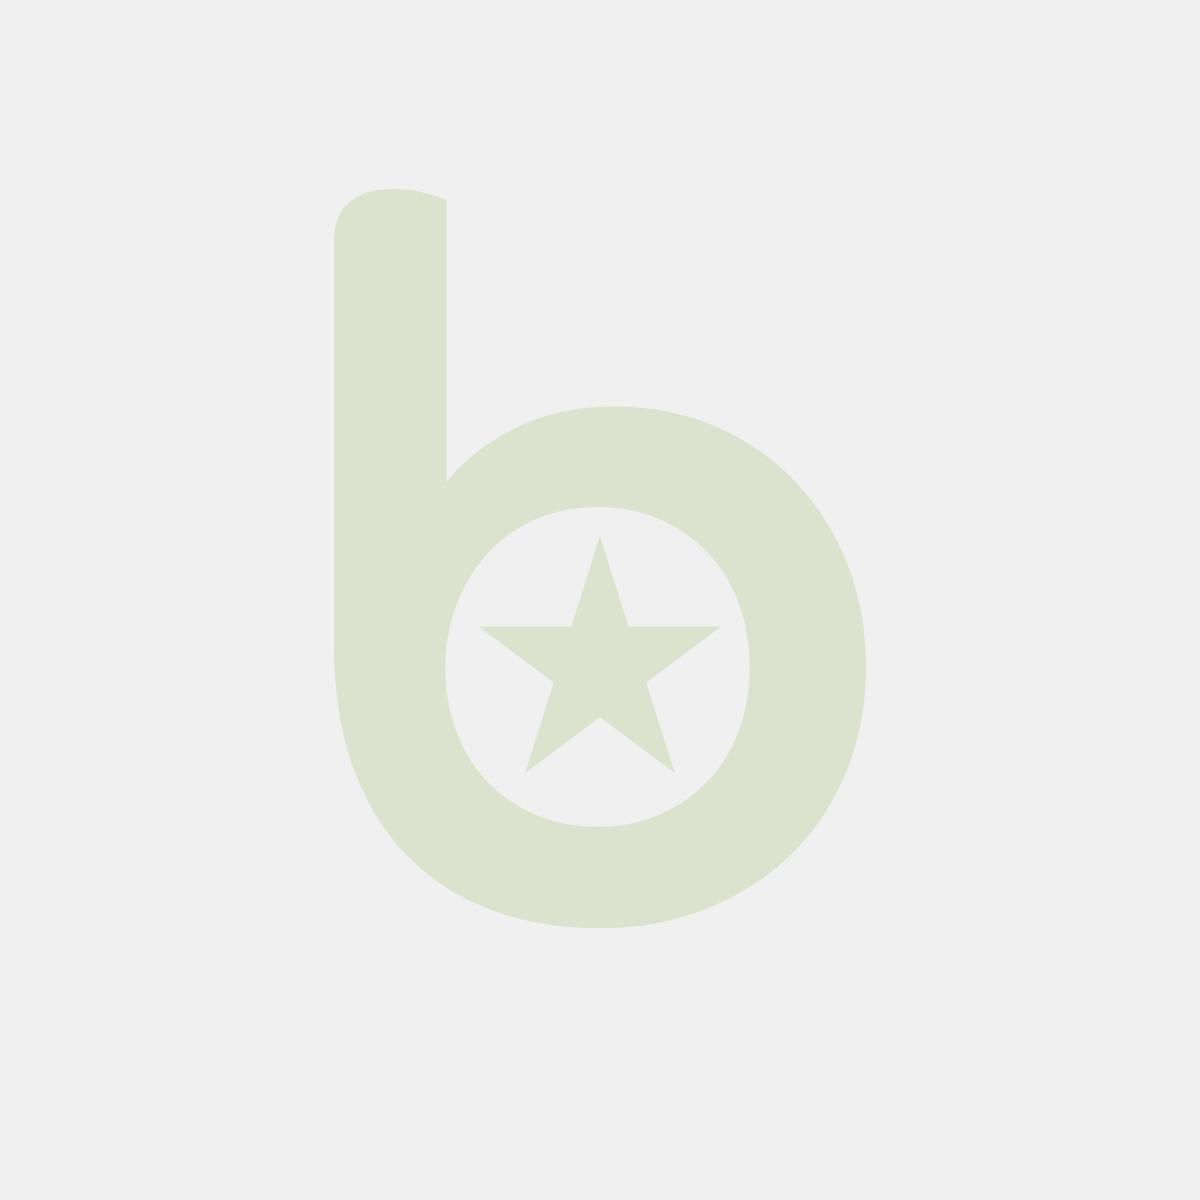 Wkład do pióra kulkowego SCHNEIDER Topball 850, 0,5 mm, czerwony